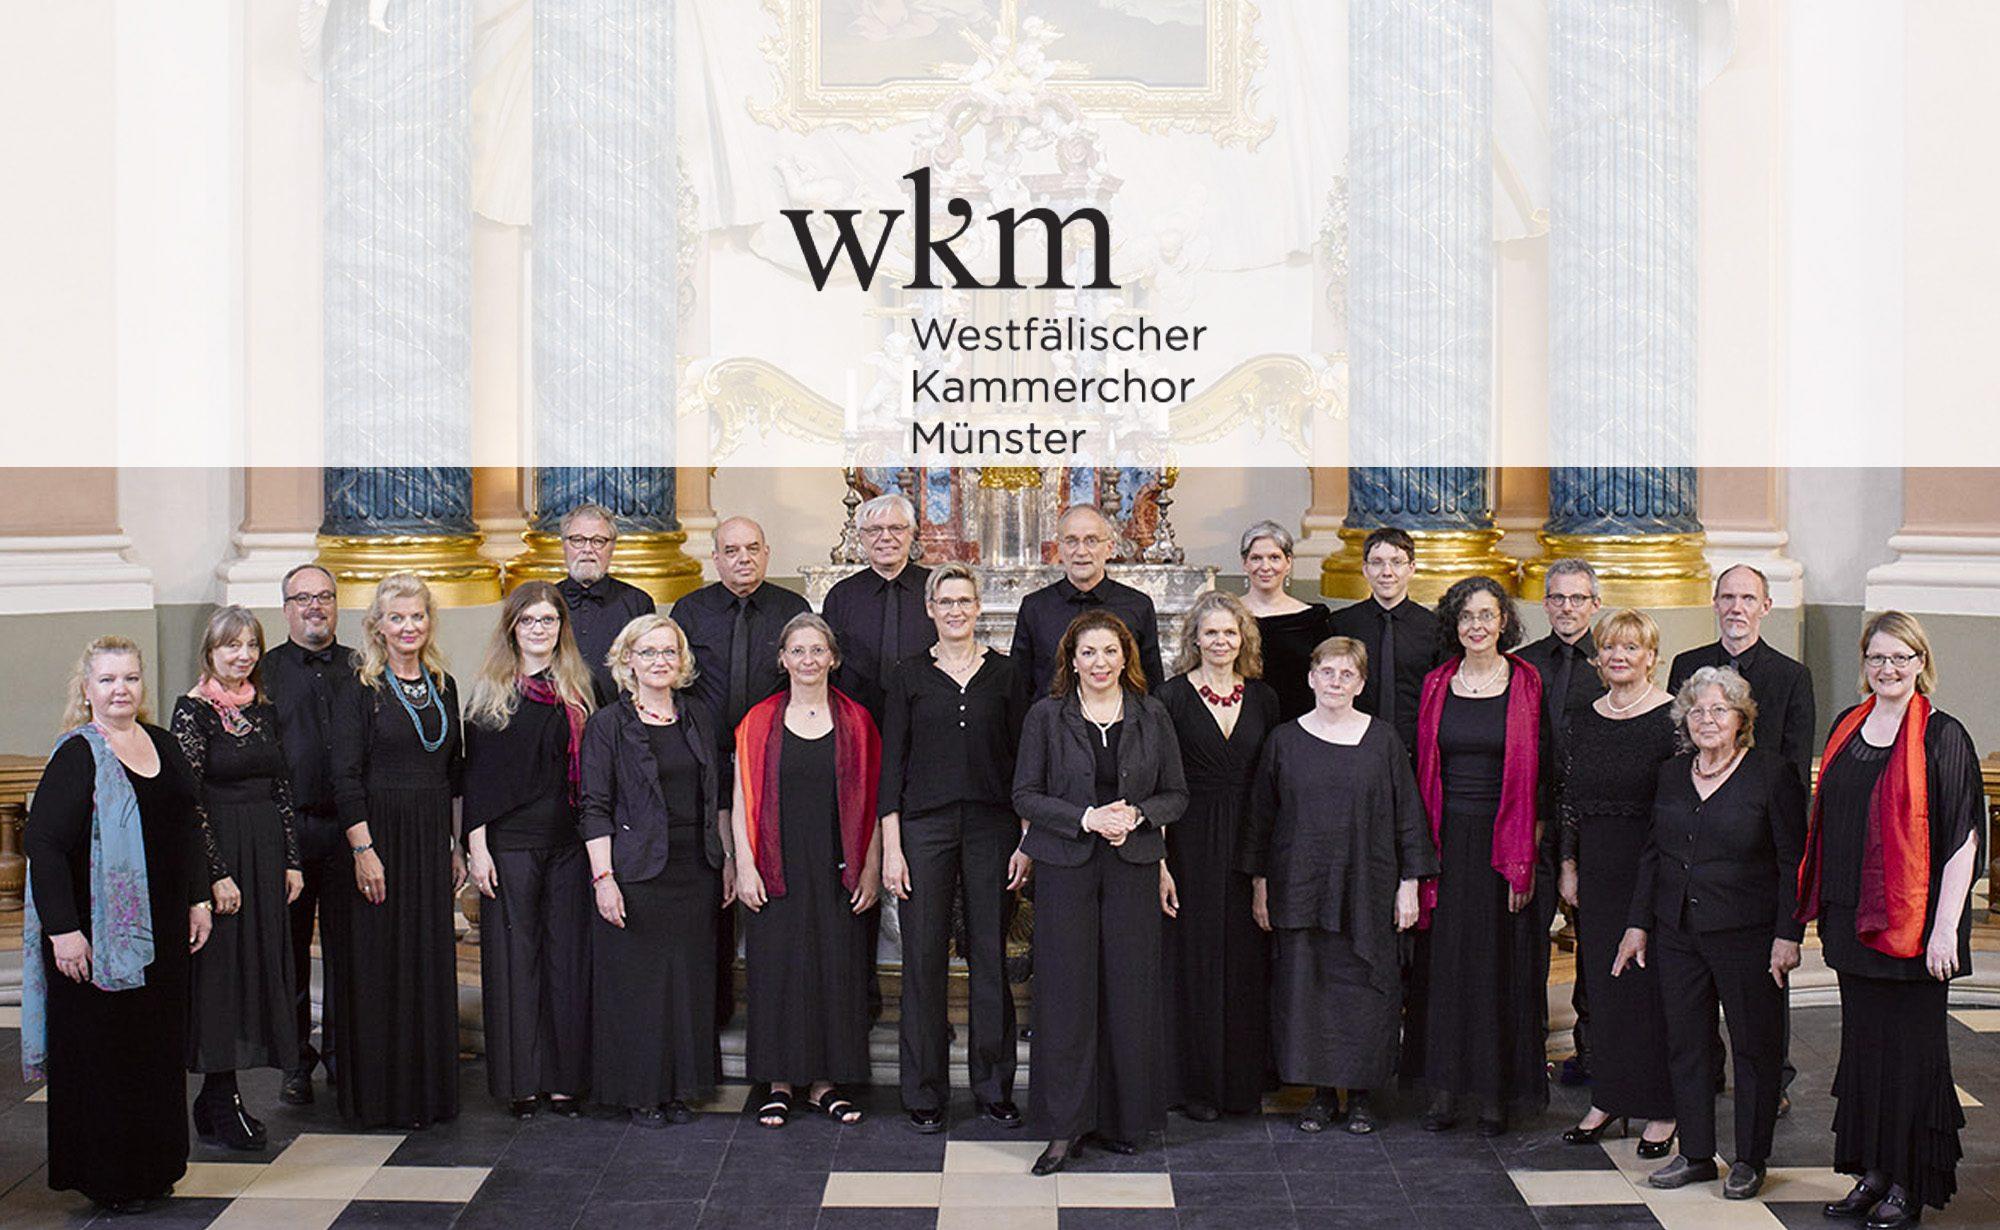 Westfälischer Kammerchor Münster